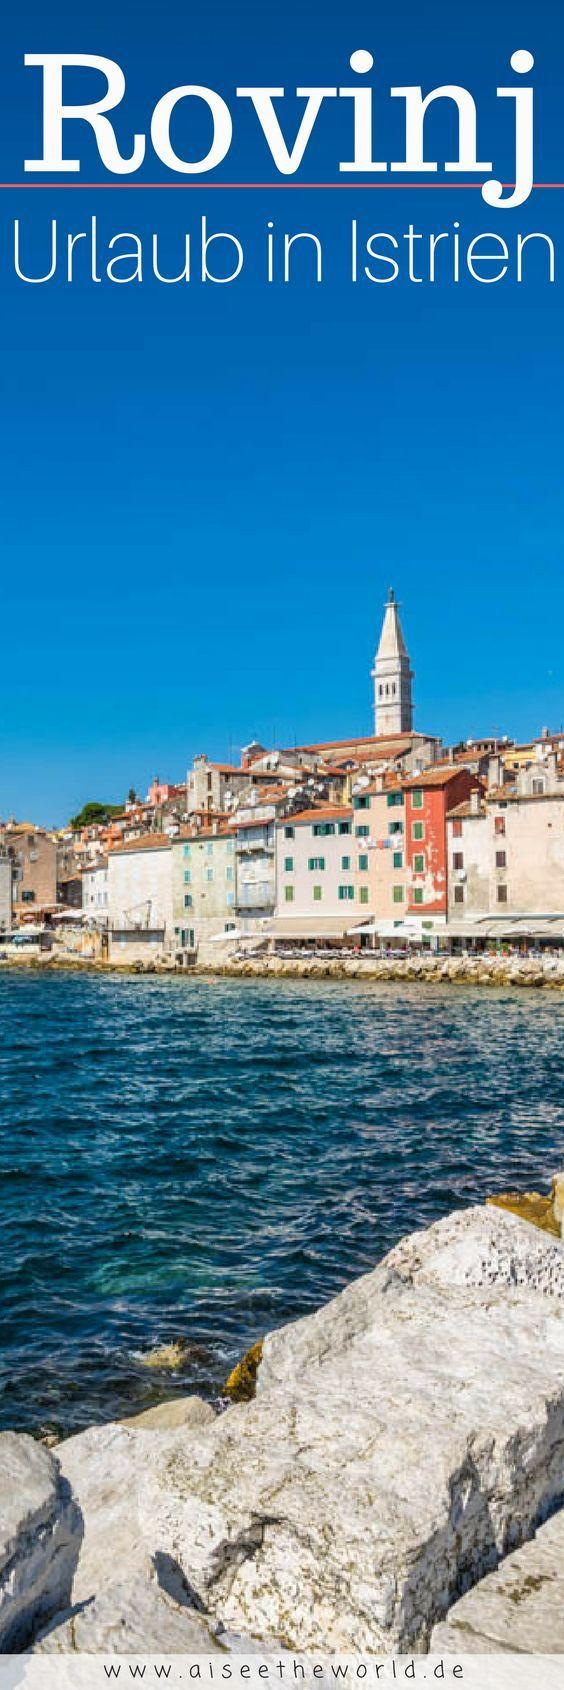 Rovinj in Kroatien – Vier Stunden in der Hafenstadt